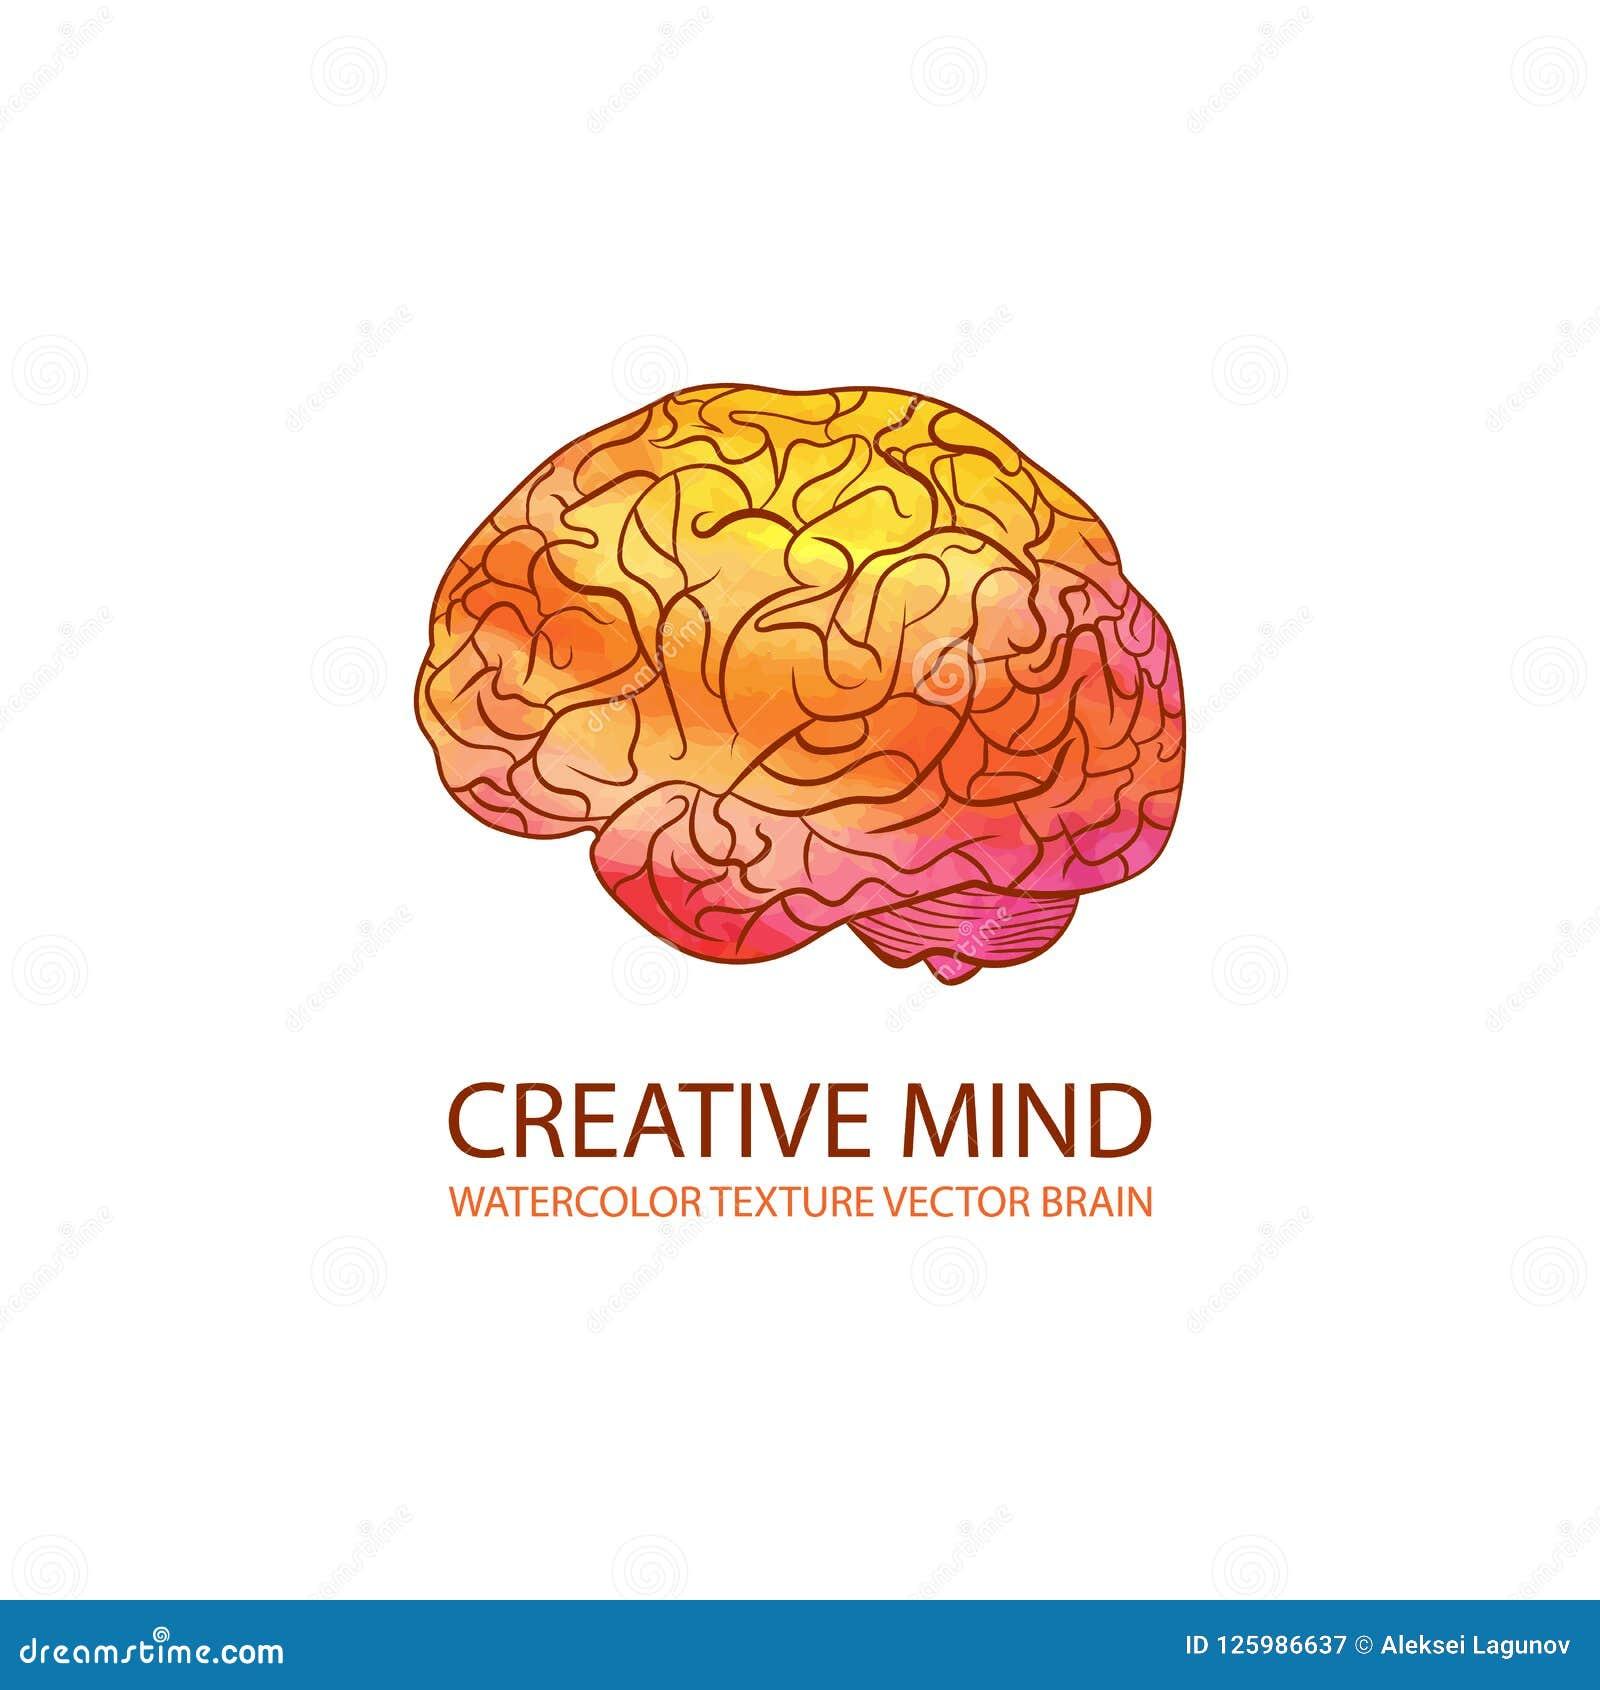 Διανυσματική δημιουργική απεικόνιση μυαλού, ζωηρόχρωμος εγκέφαλος κλίσης Watercolor, πρότυπο λογότυπων